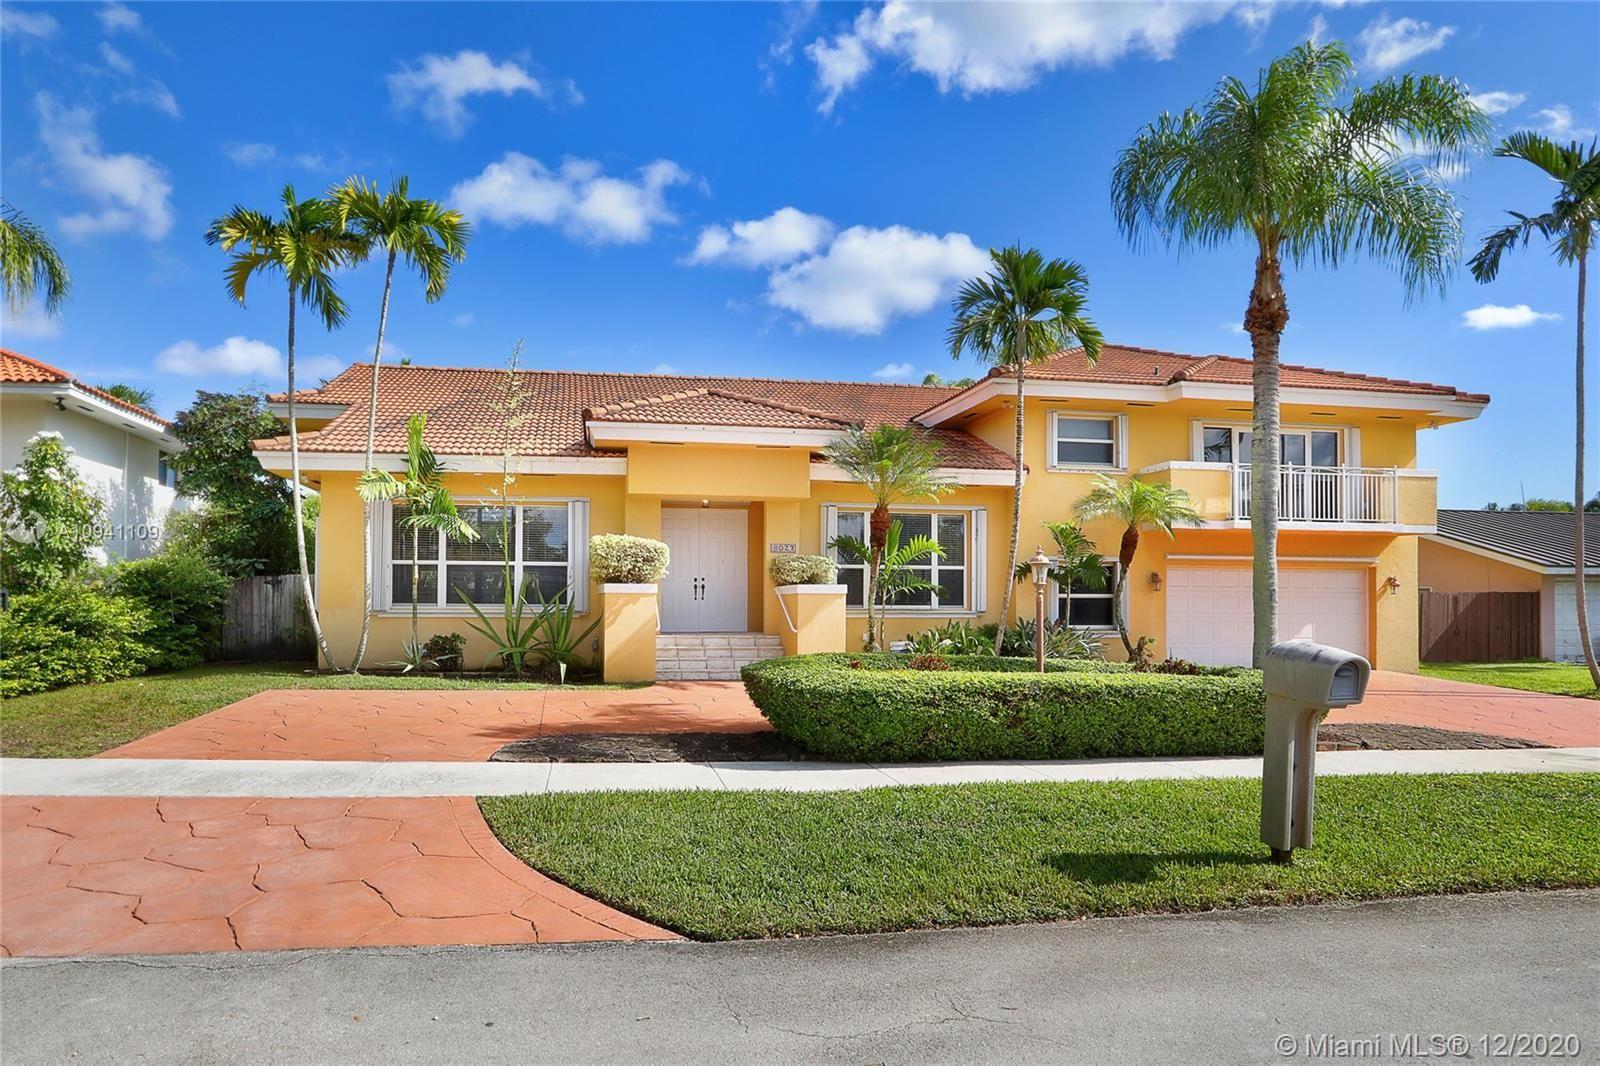 8027 SW 91st Ave, Miami, FL 33173 - #: A10941109